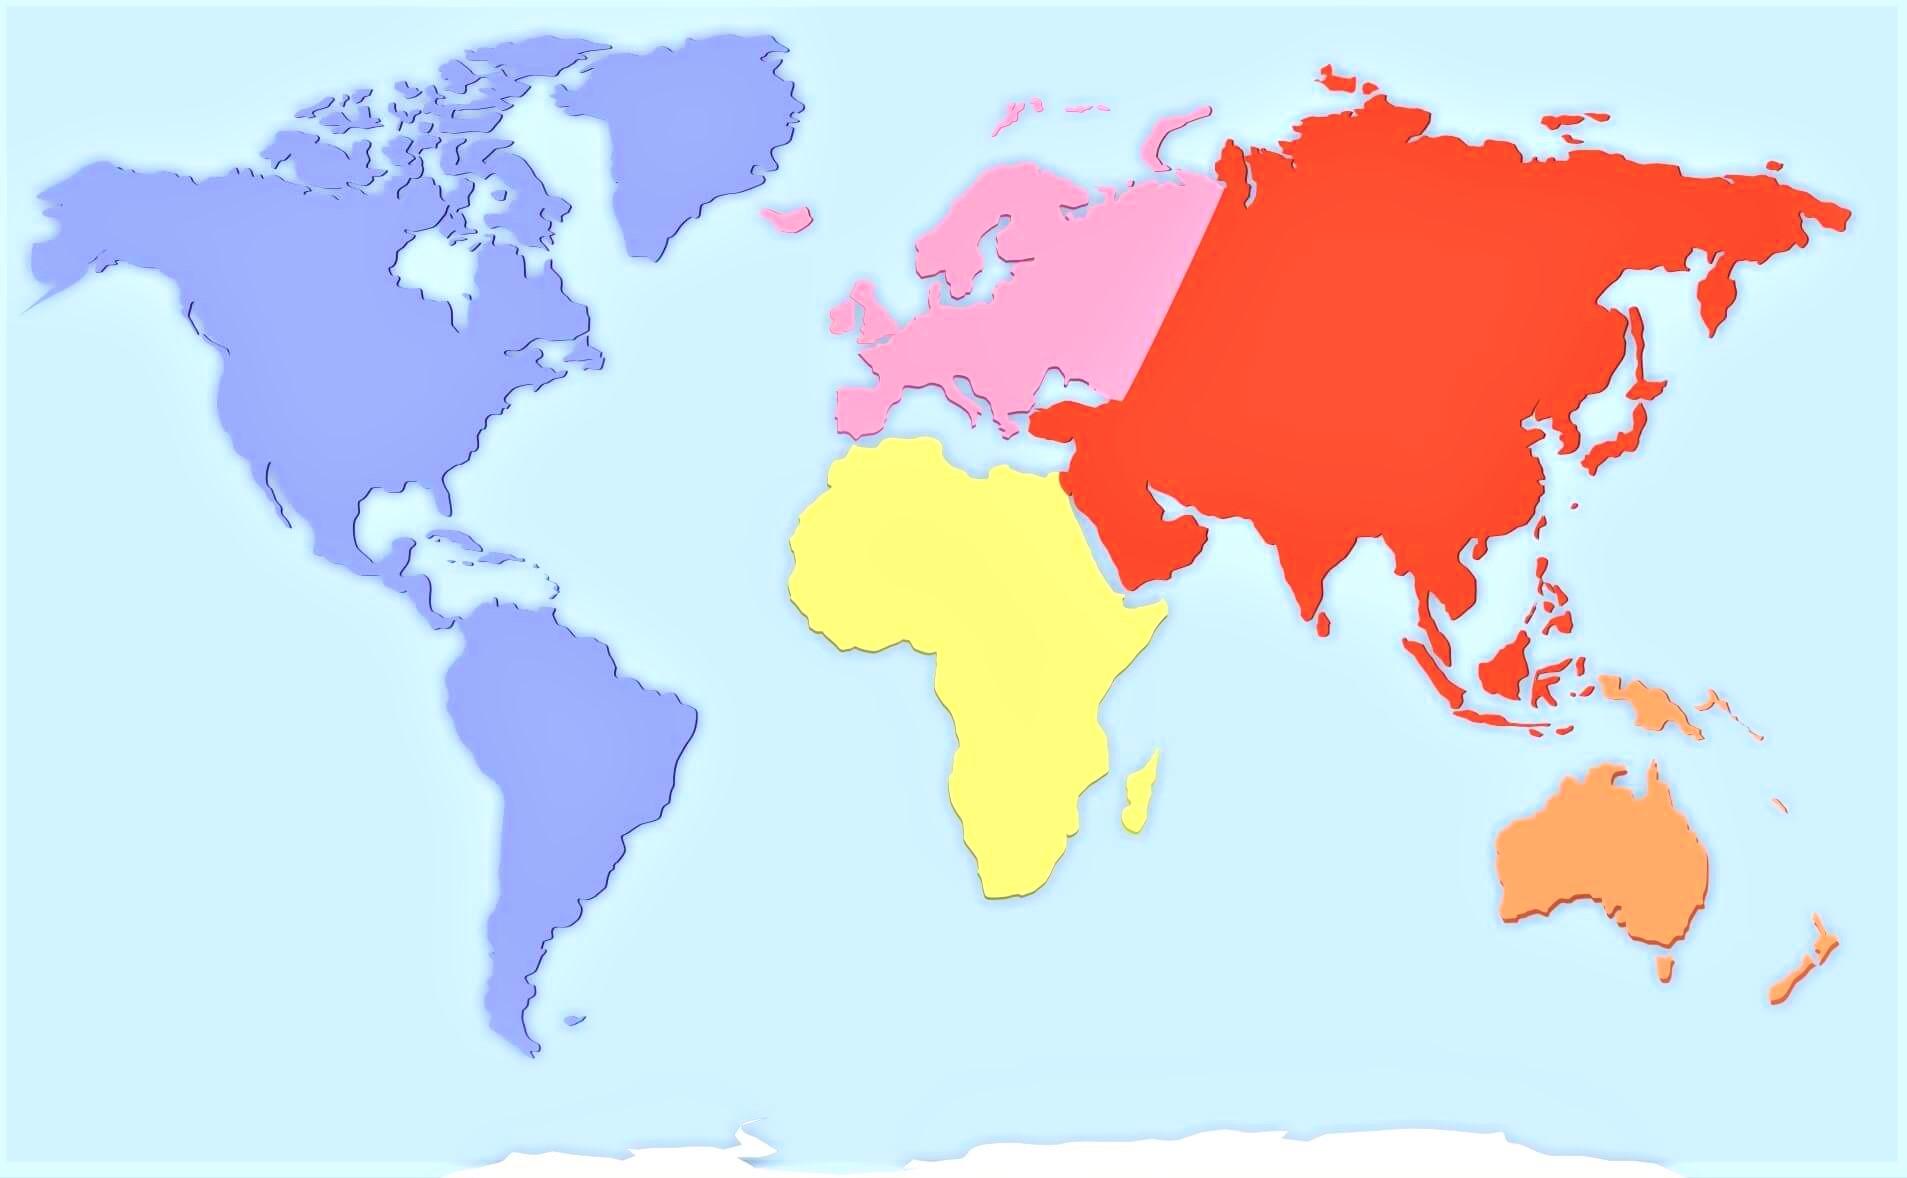 Mapa Del Mundo Mudo.Mapa De Continentes Con Nombres Mudo En Blanco